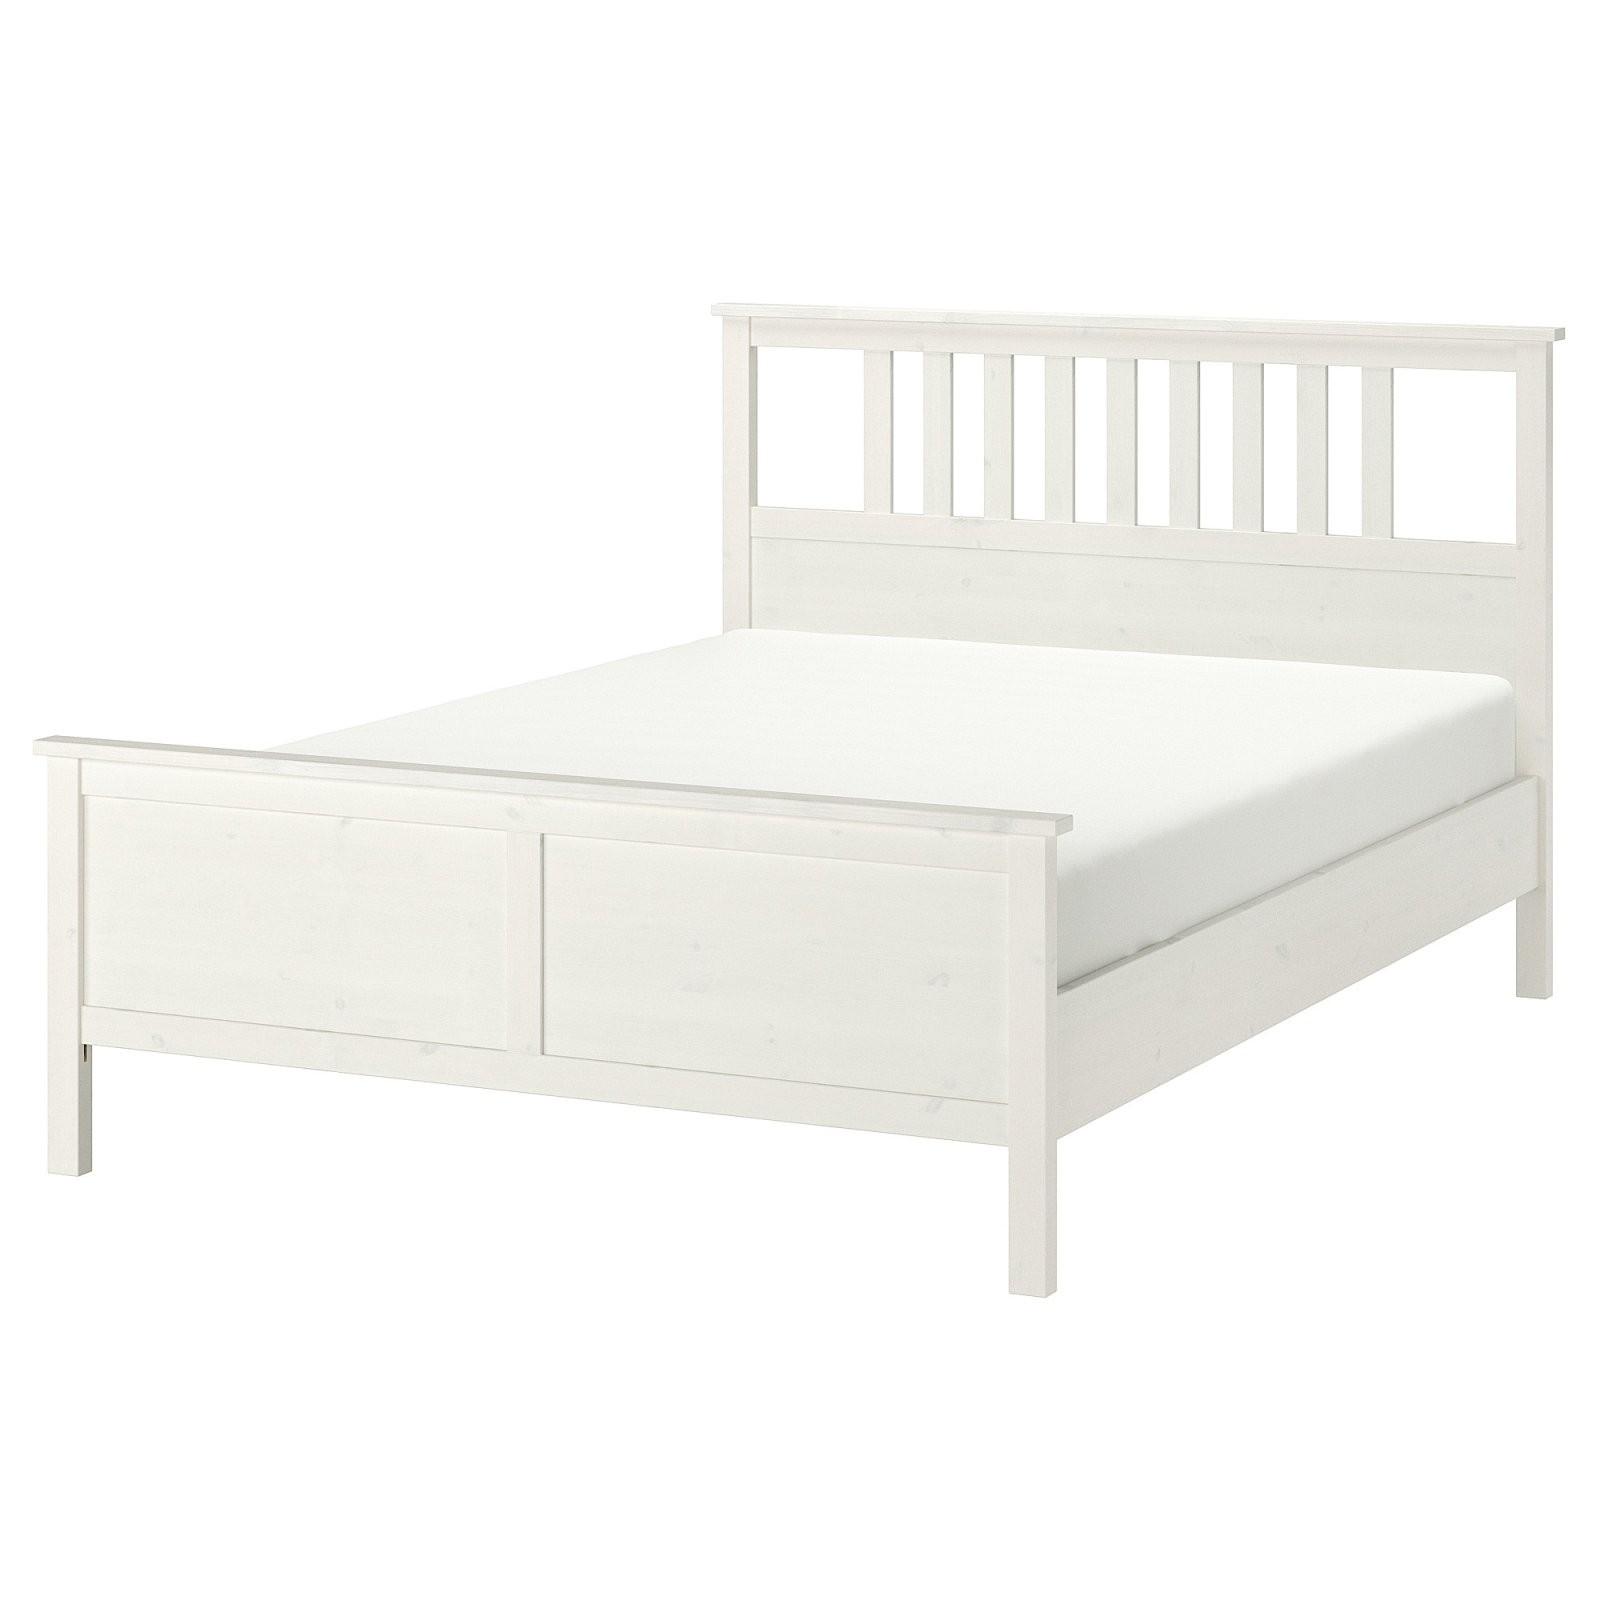 Hemnes Bettgestell  Weiß Gebeizt  Ikea von Ikea Hemnes Bett Ausziehbar Photo